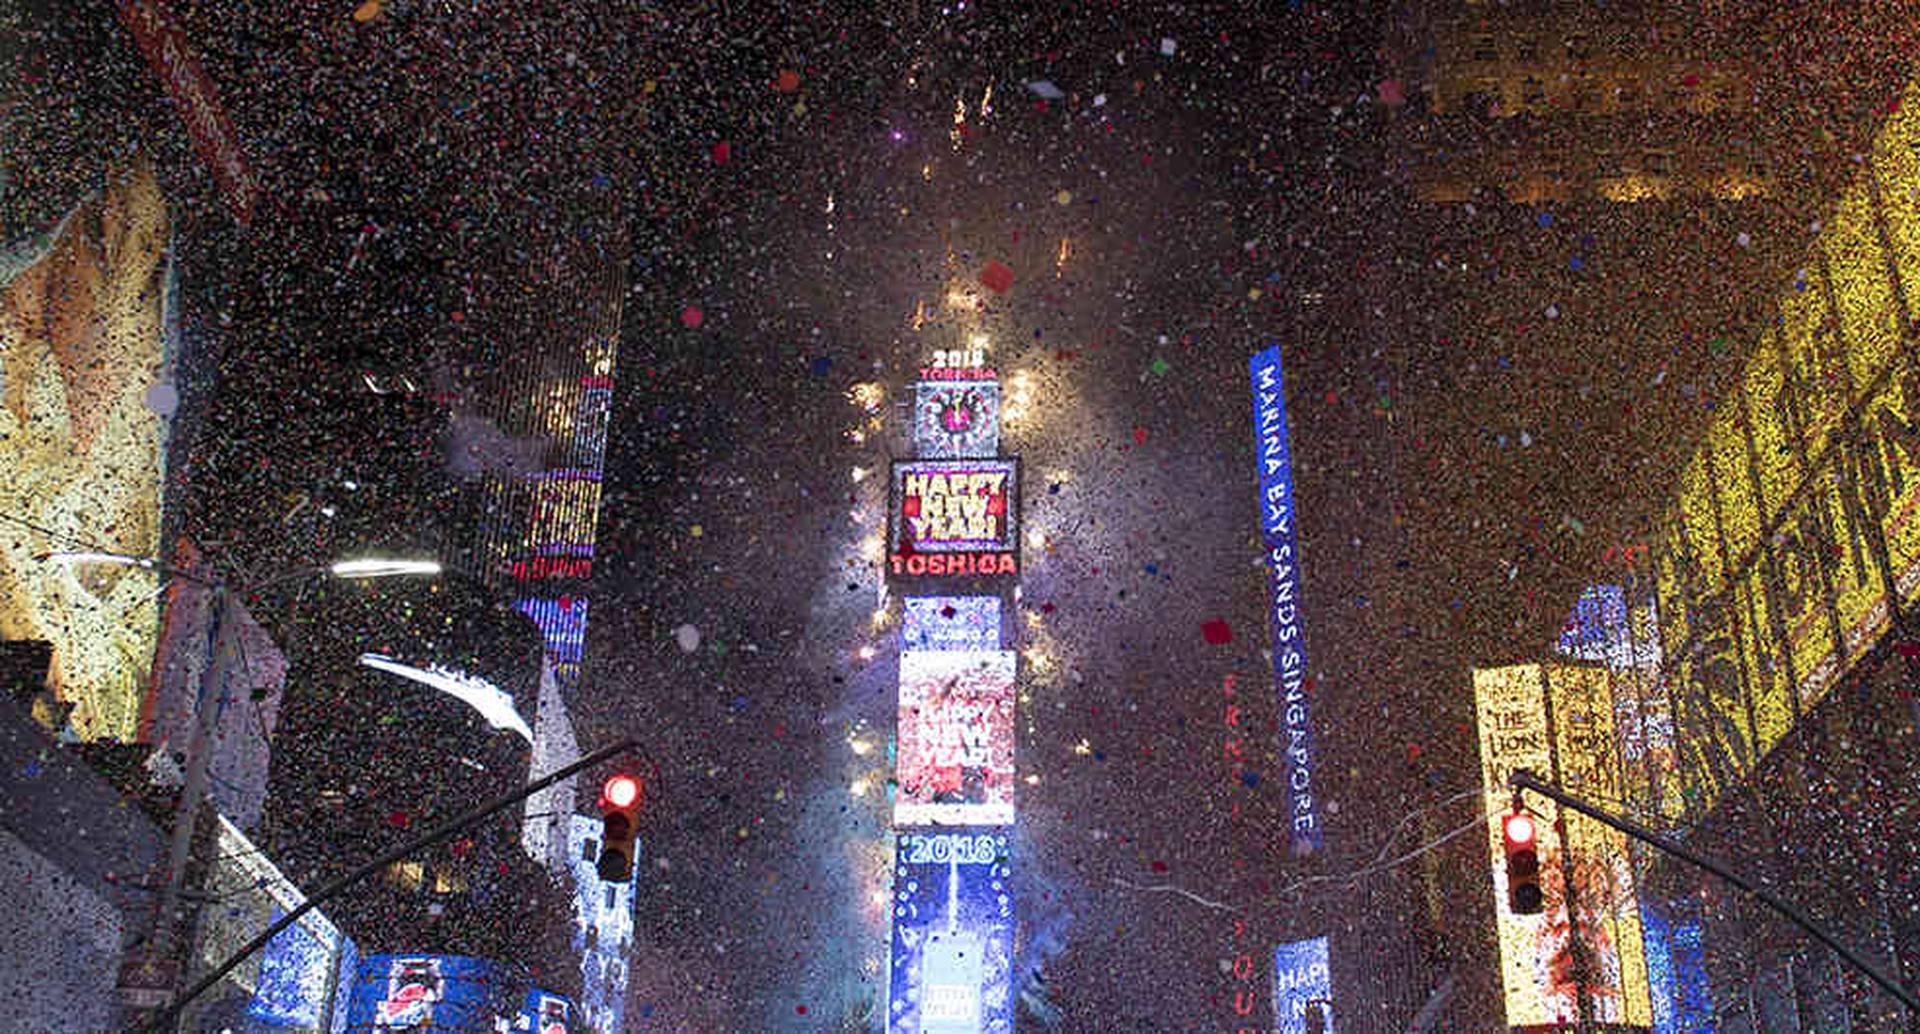 La tradicional celebración en Times Square (Nueva York) estuvo marcada por el intenso frío que azota la costa este de los Estados Unidos. Foto de AFP